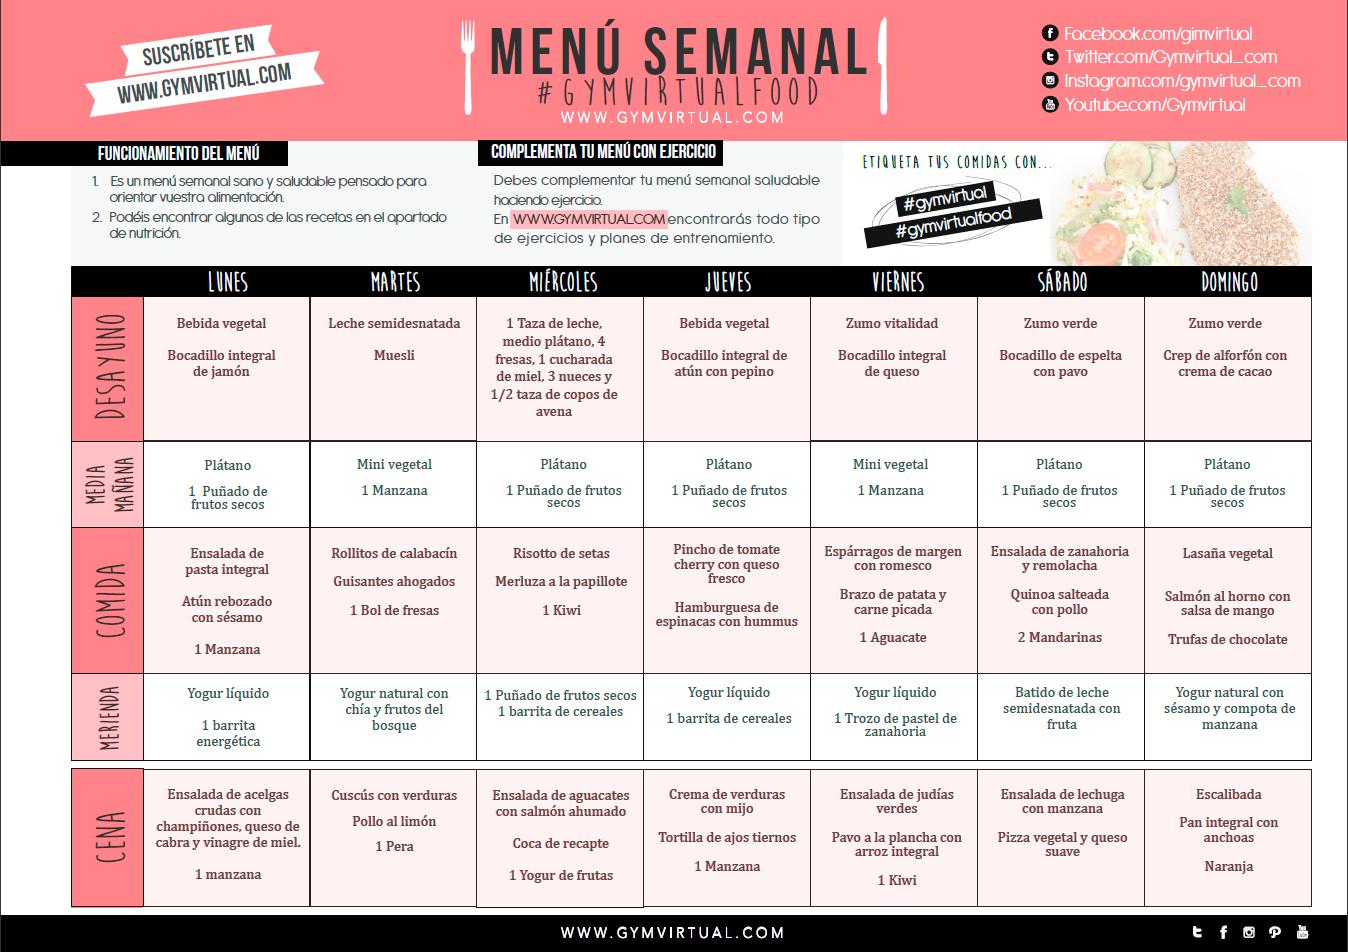 Menu Semanal De Recetas Saludables Comer Sano Y Saludable Menu